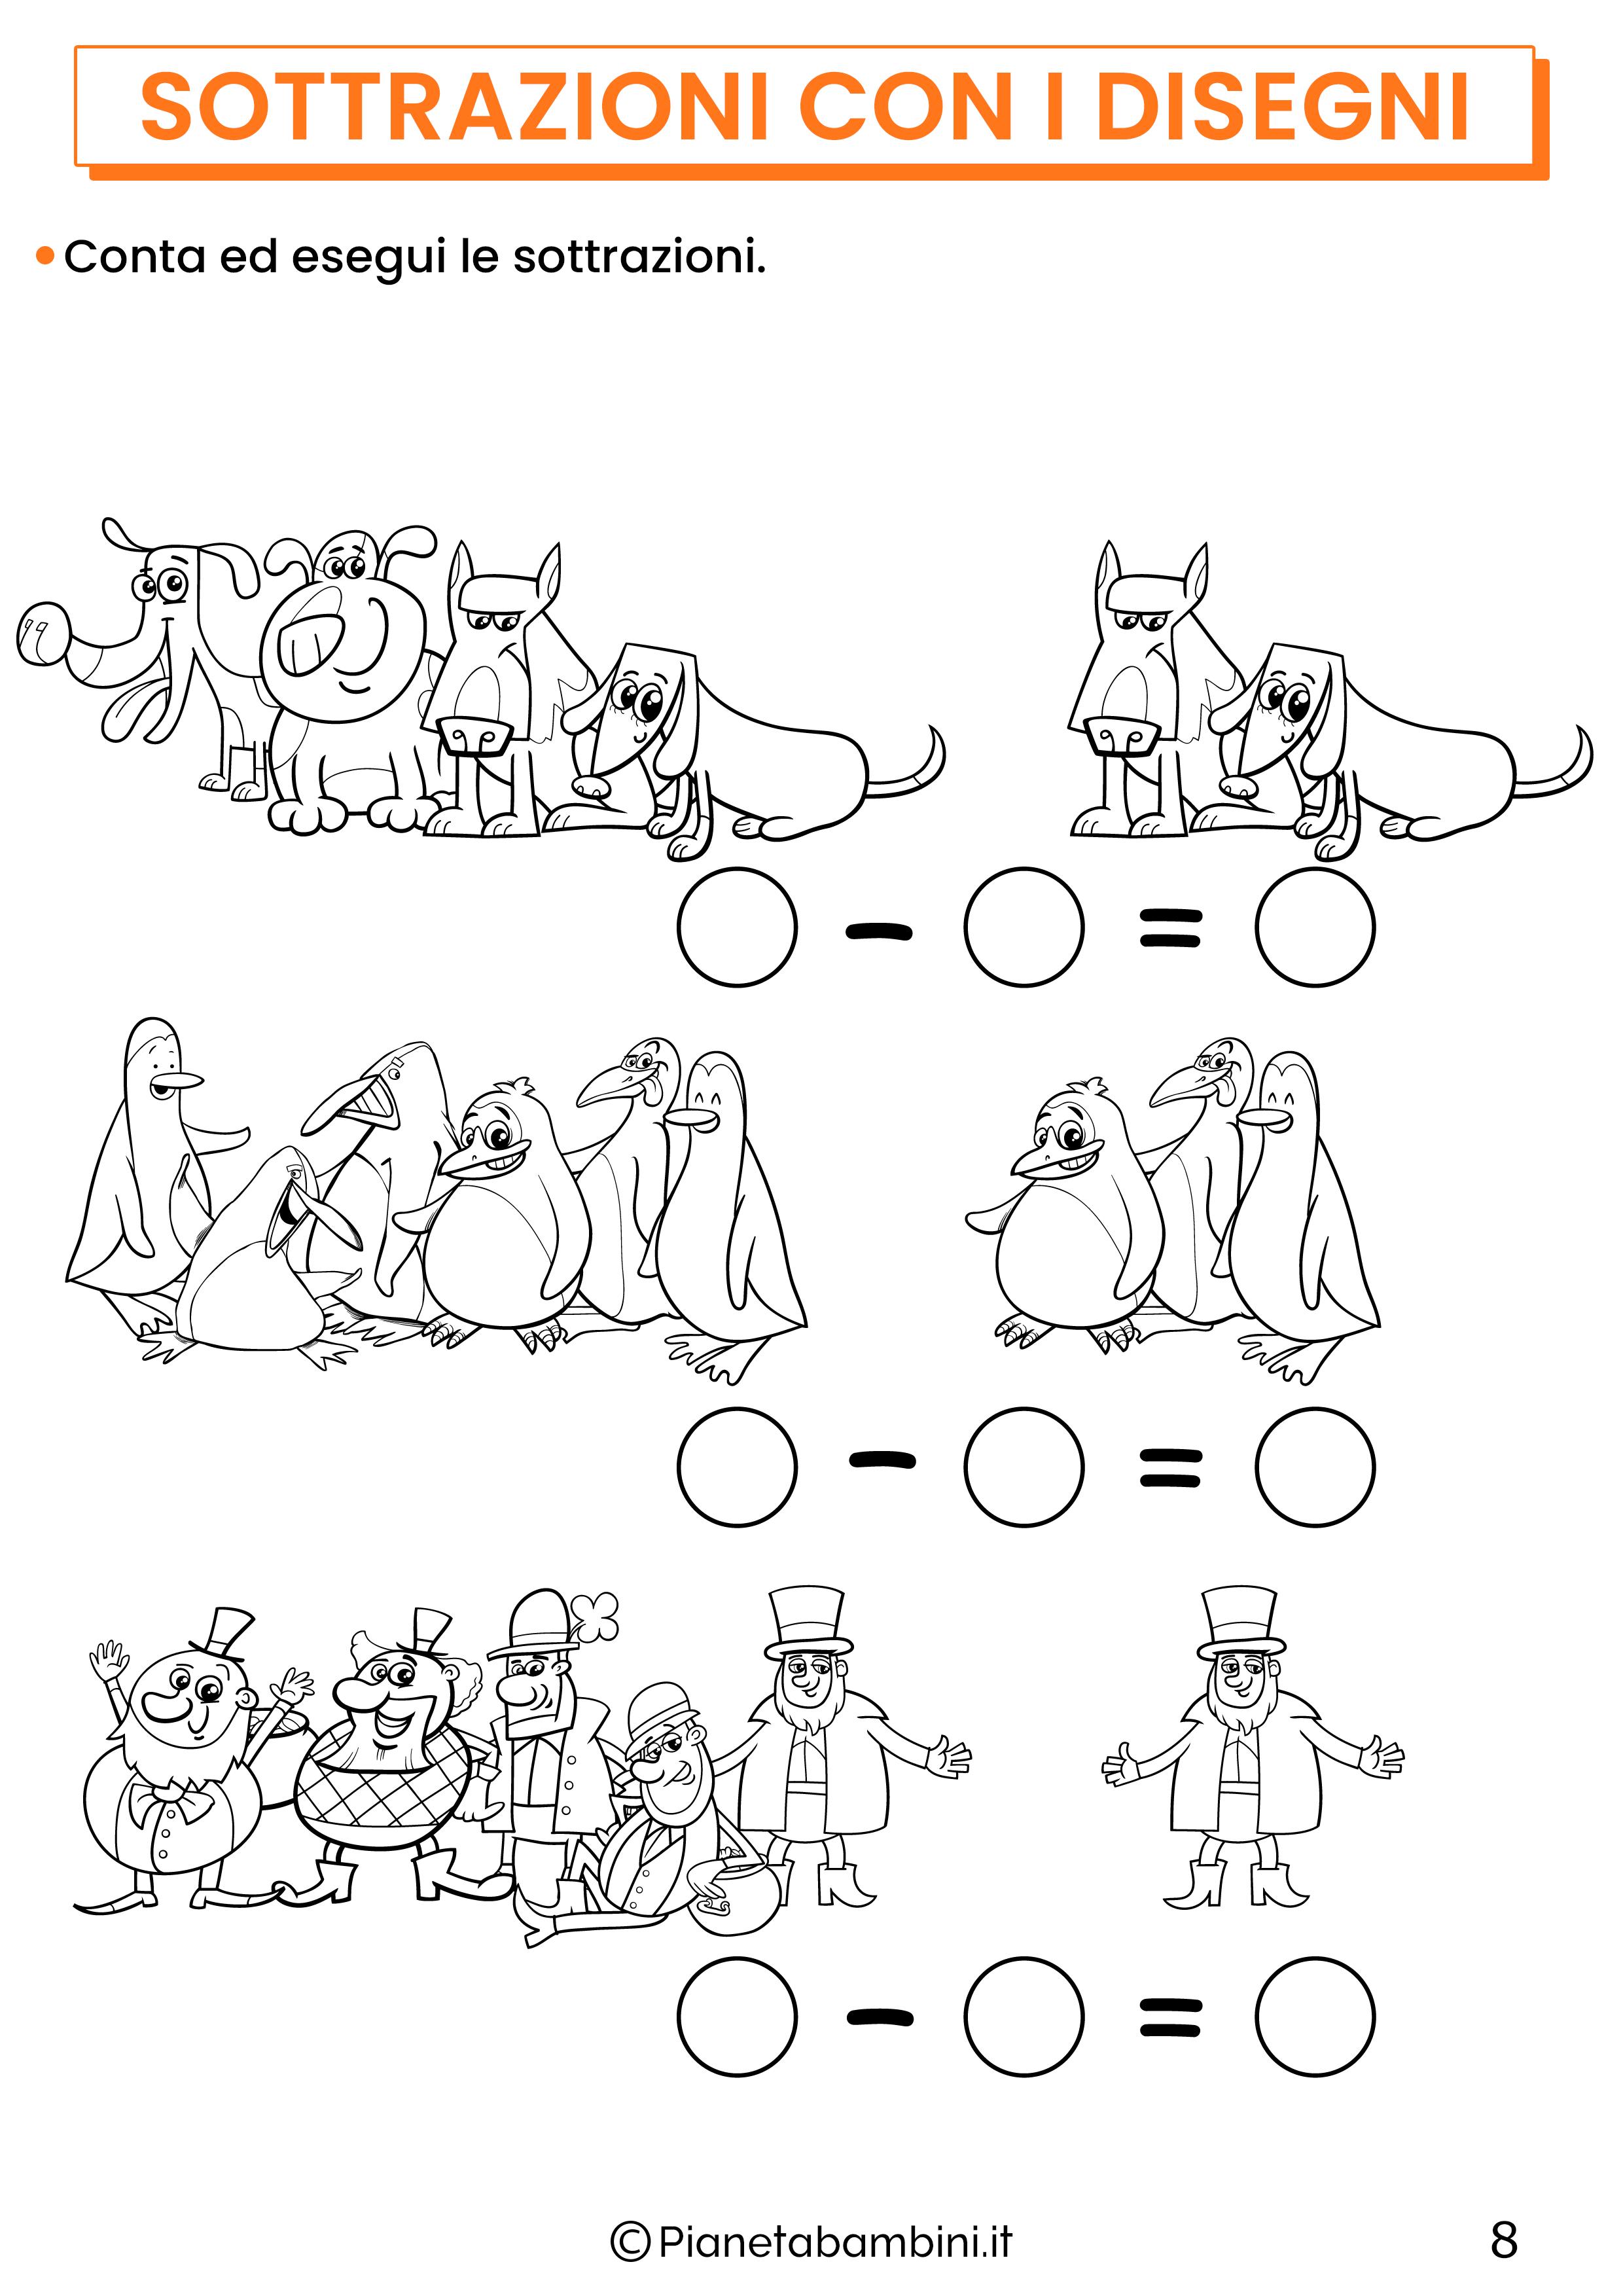 Sottrazioni con disegni per la classe prima pagina 8